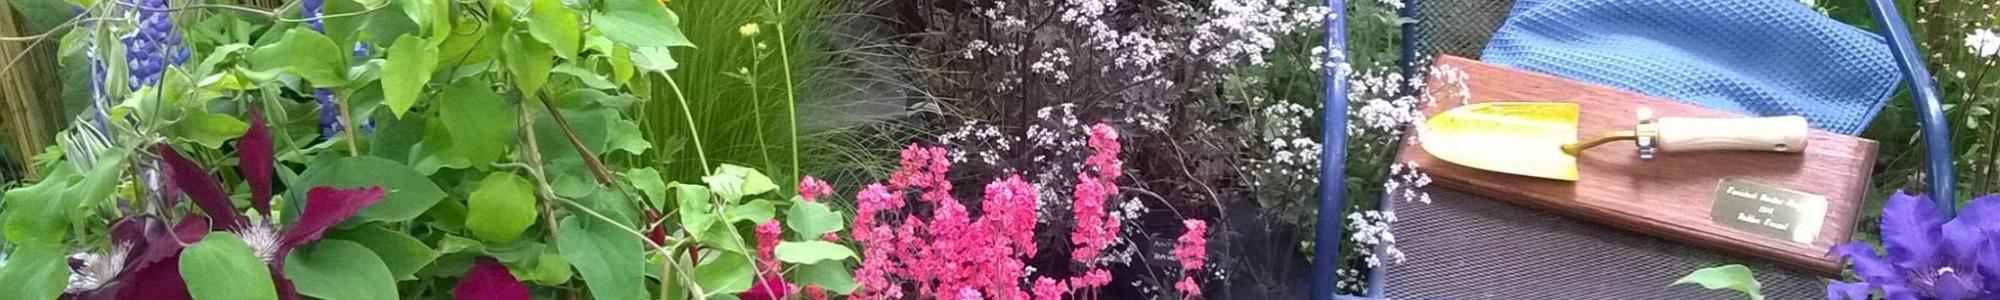 Tavistock Country Garden Show